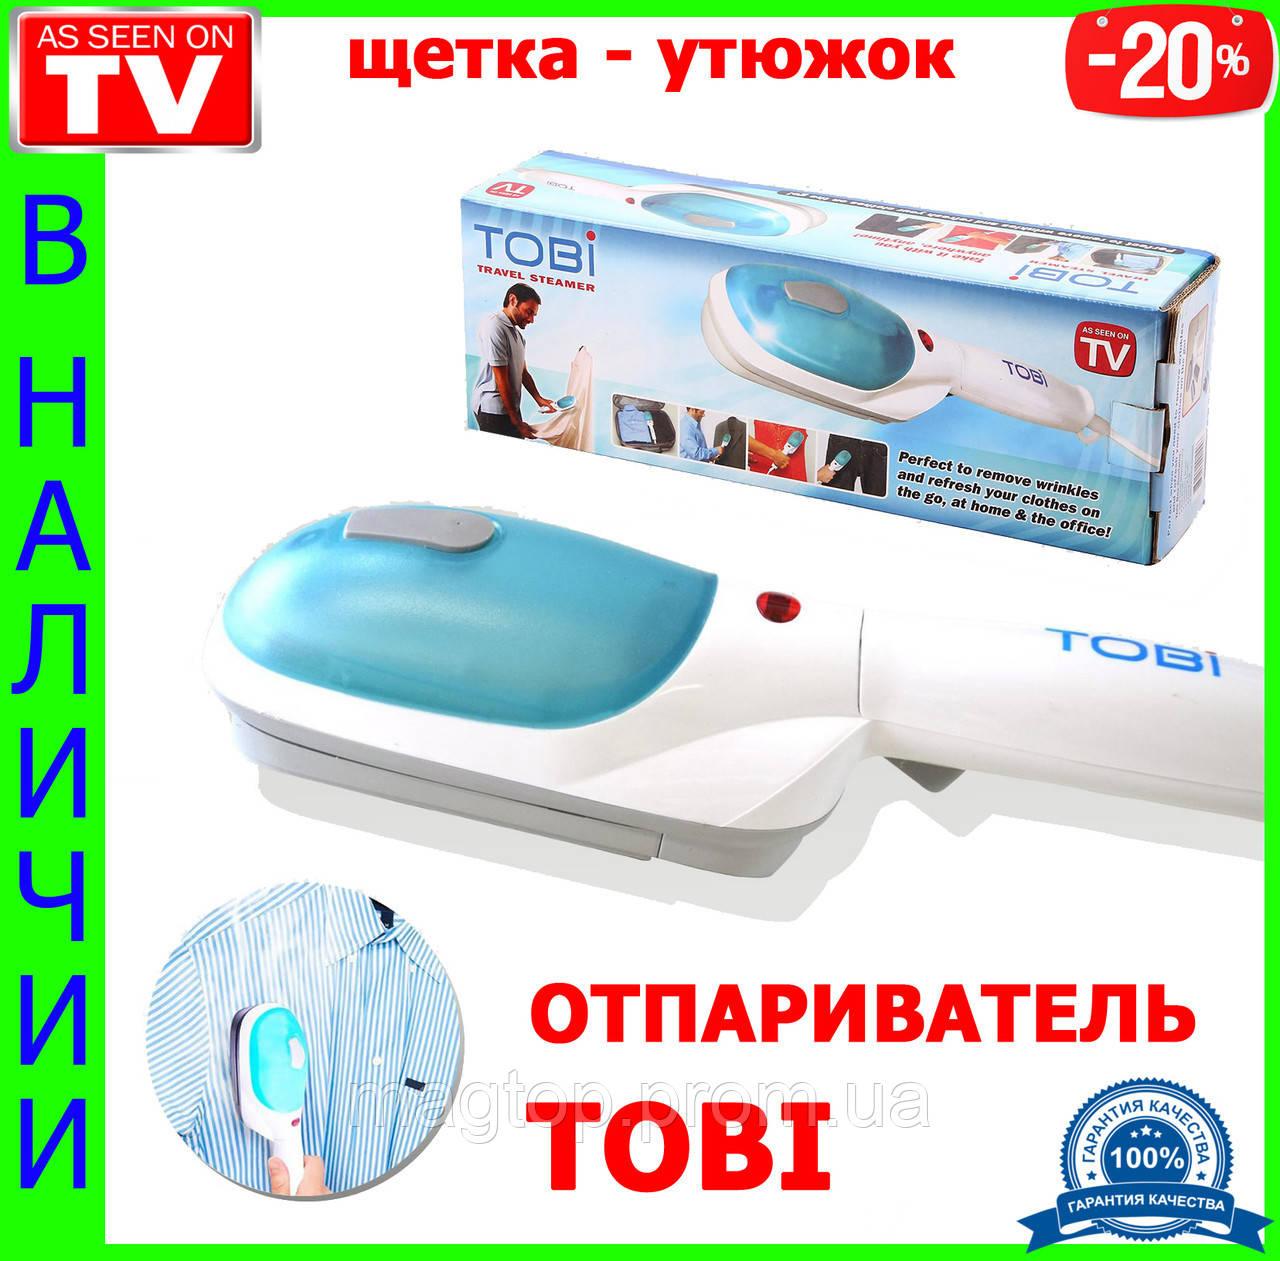 Качество! Ручной отпариватель TOBI Travel Steamer  c964b90ce61f5